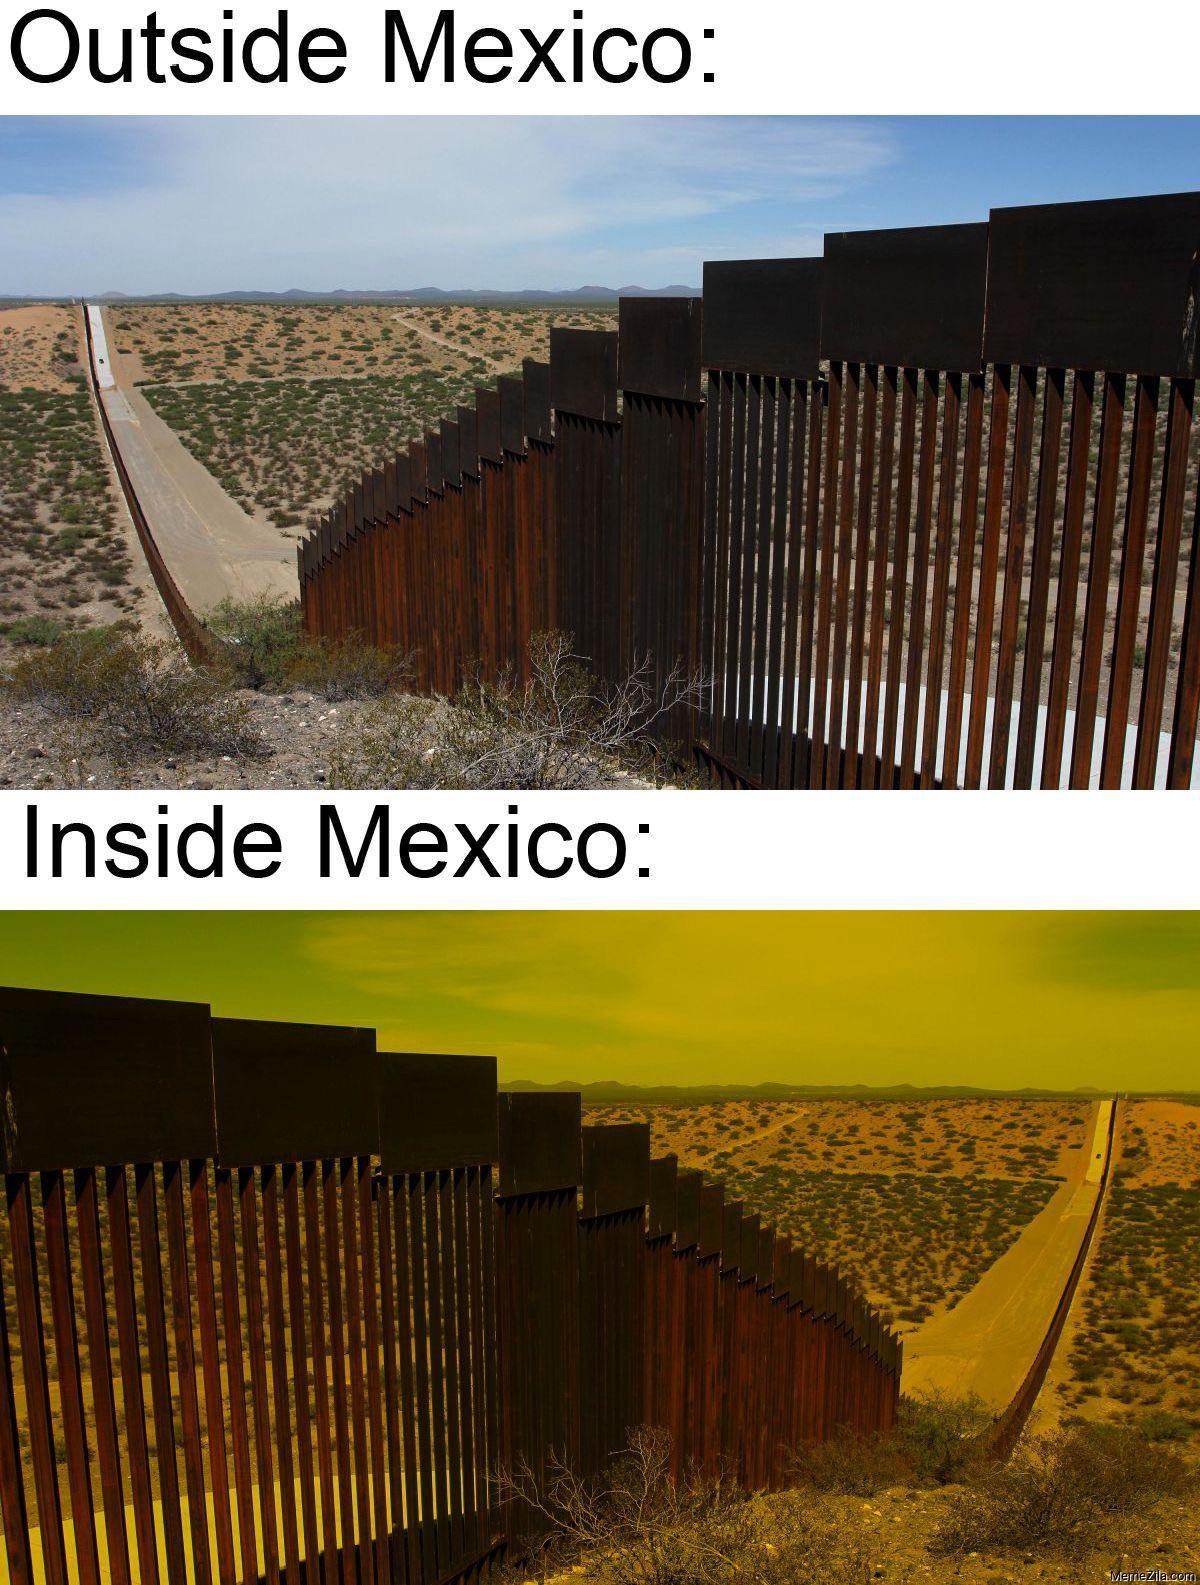 Outside Mexico vs Inside Mexico meme